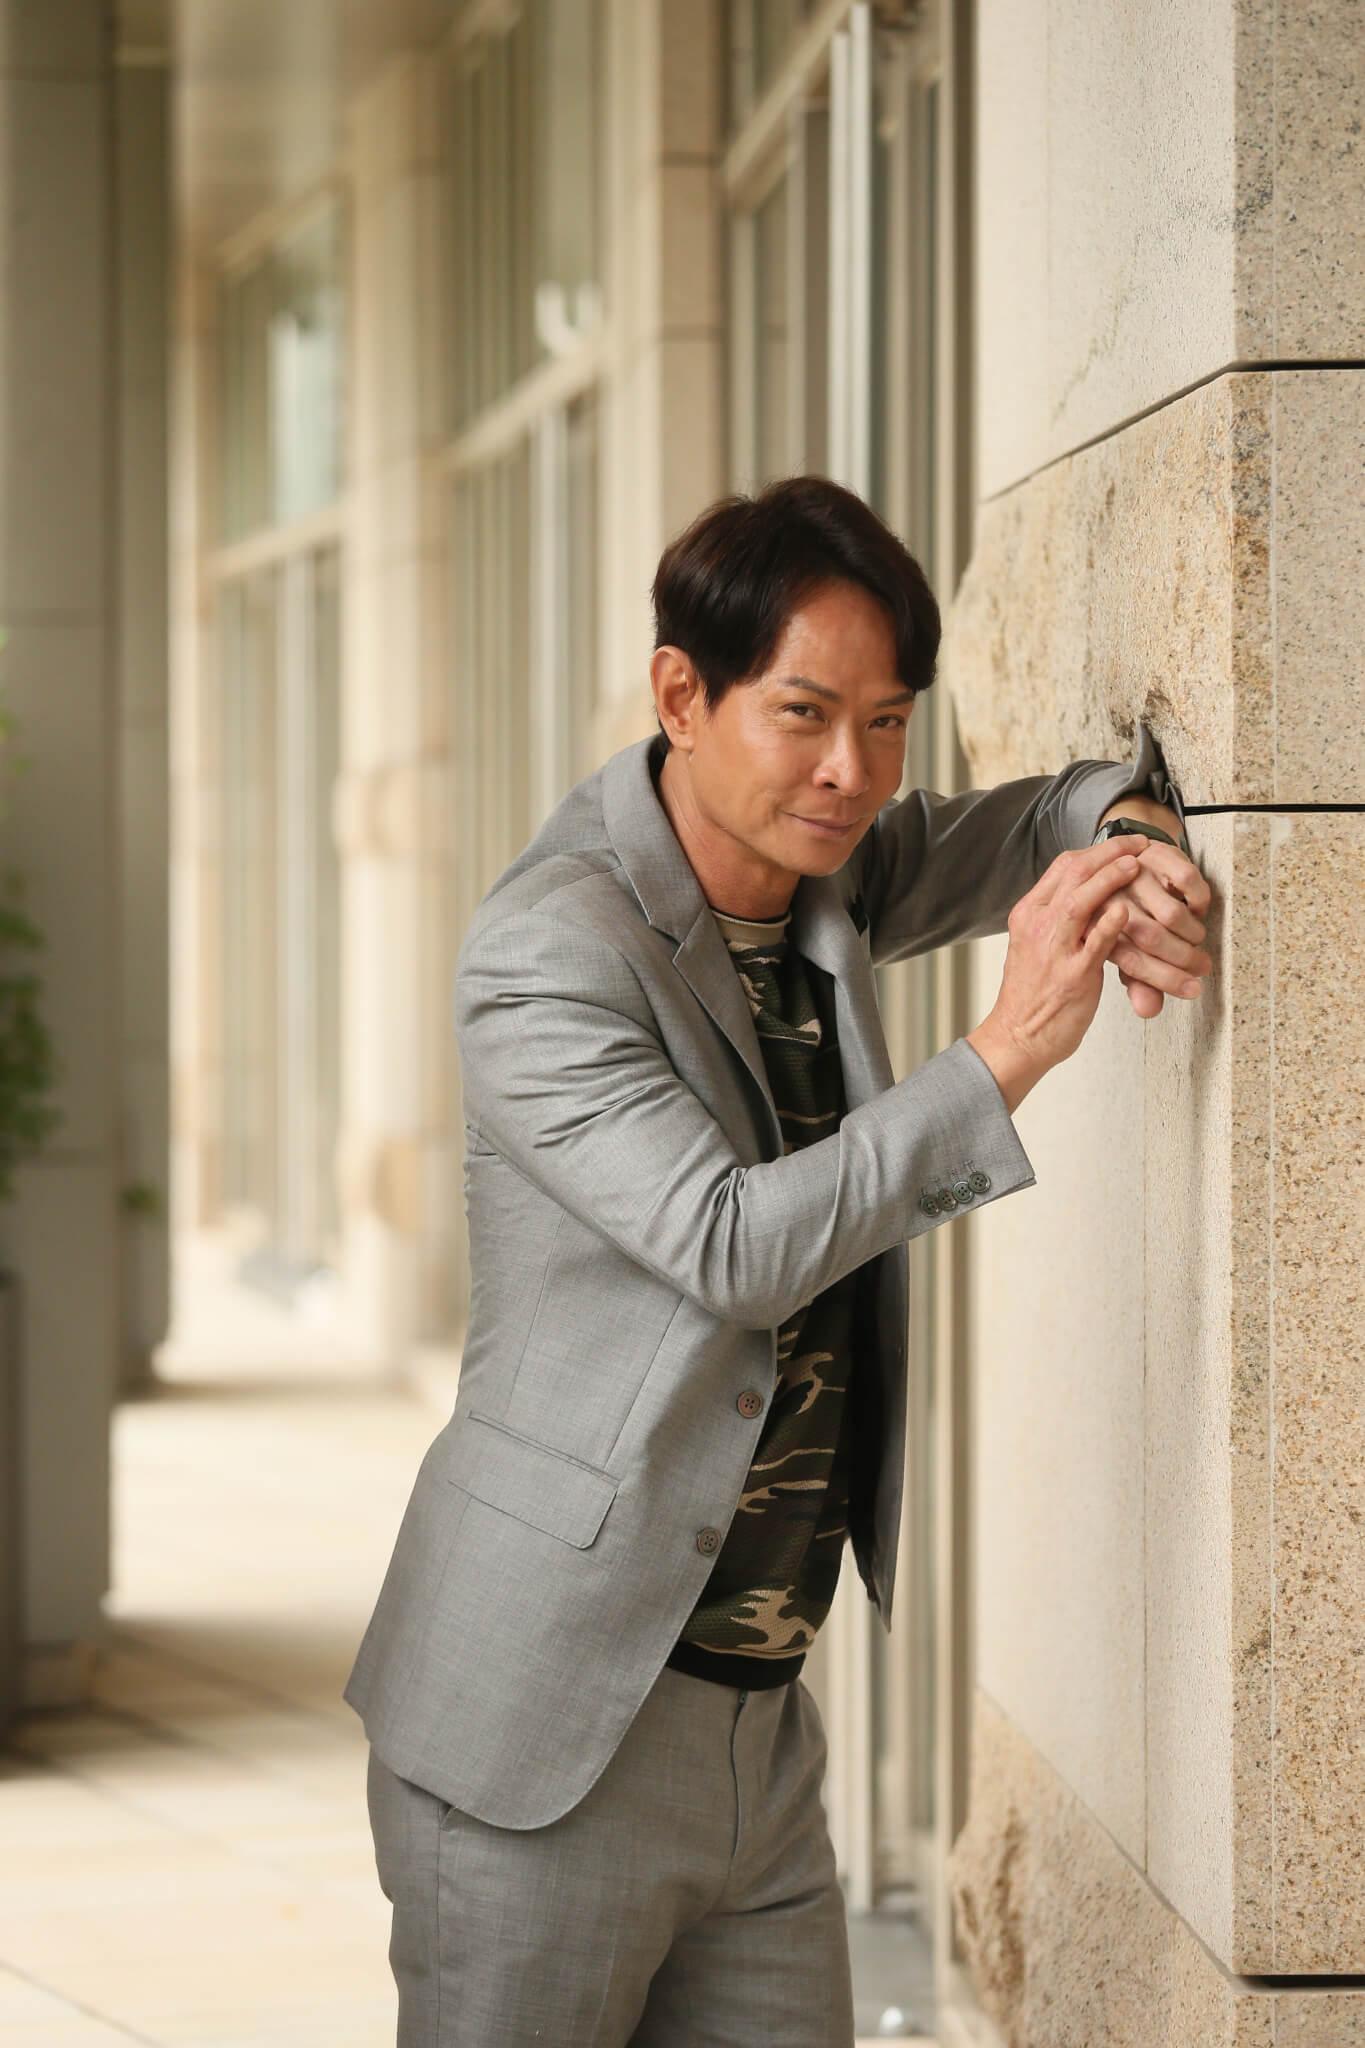 吳廷燁雖然外表比較兇悍,但內心相當溫柔體貼。